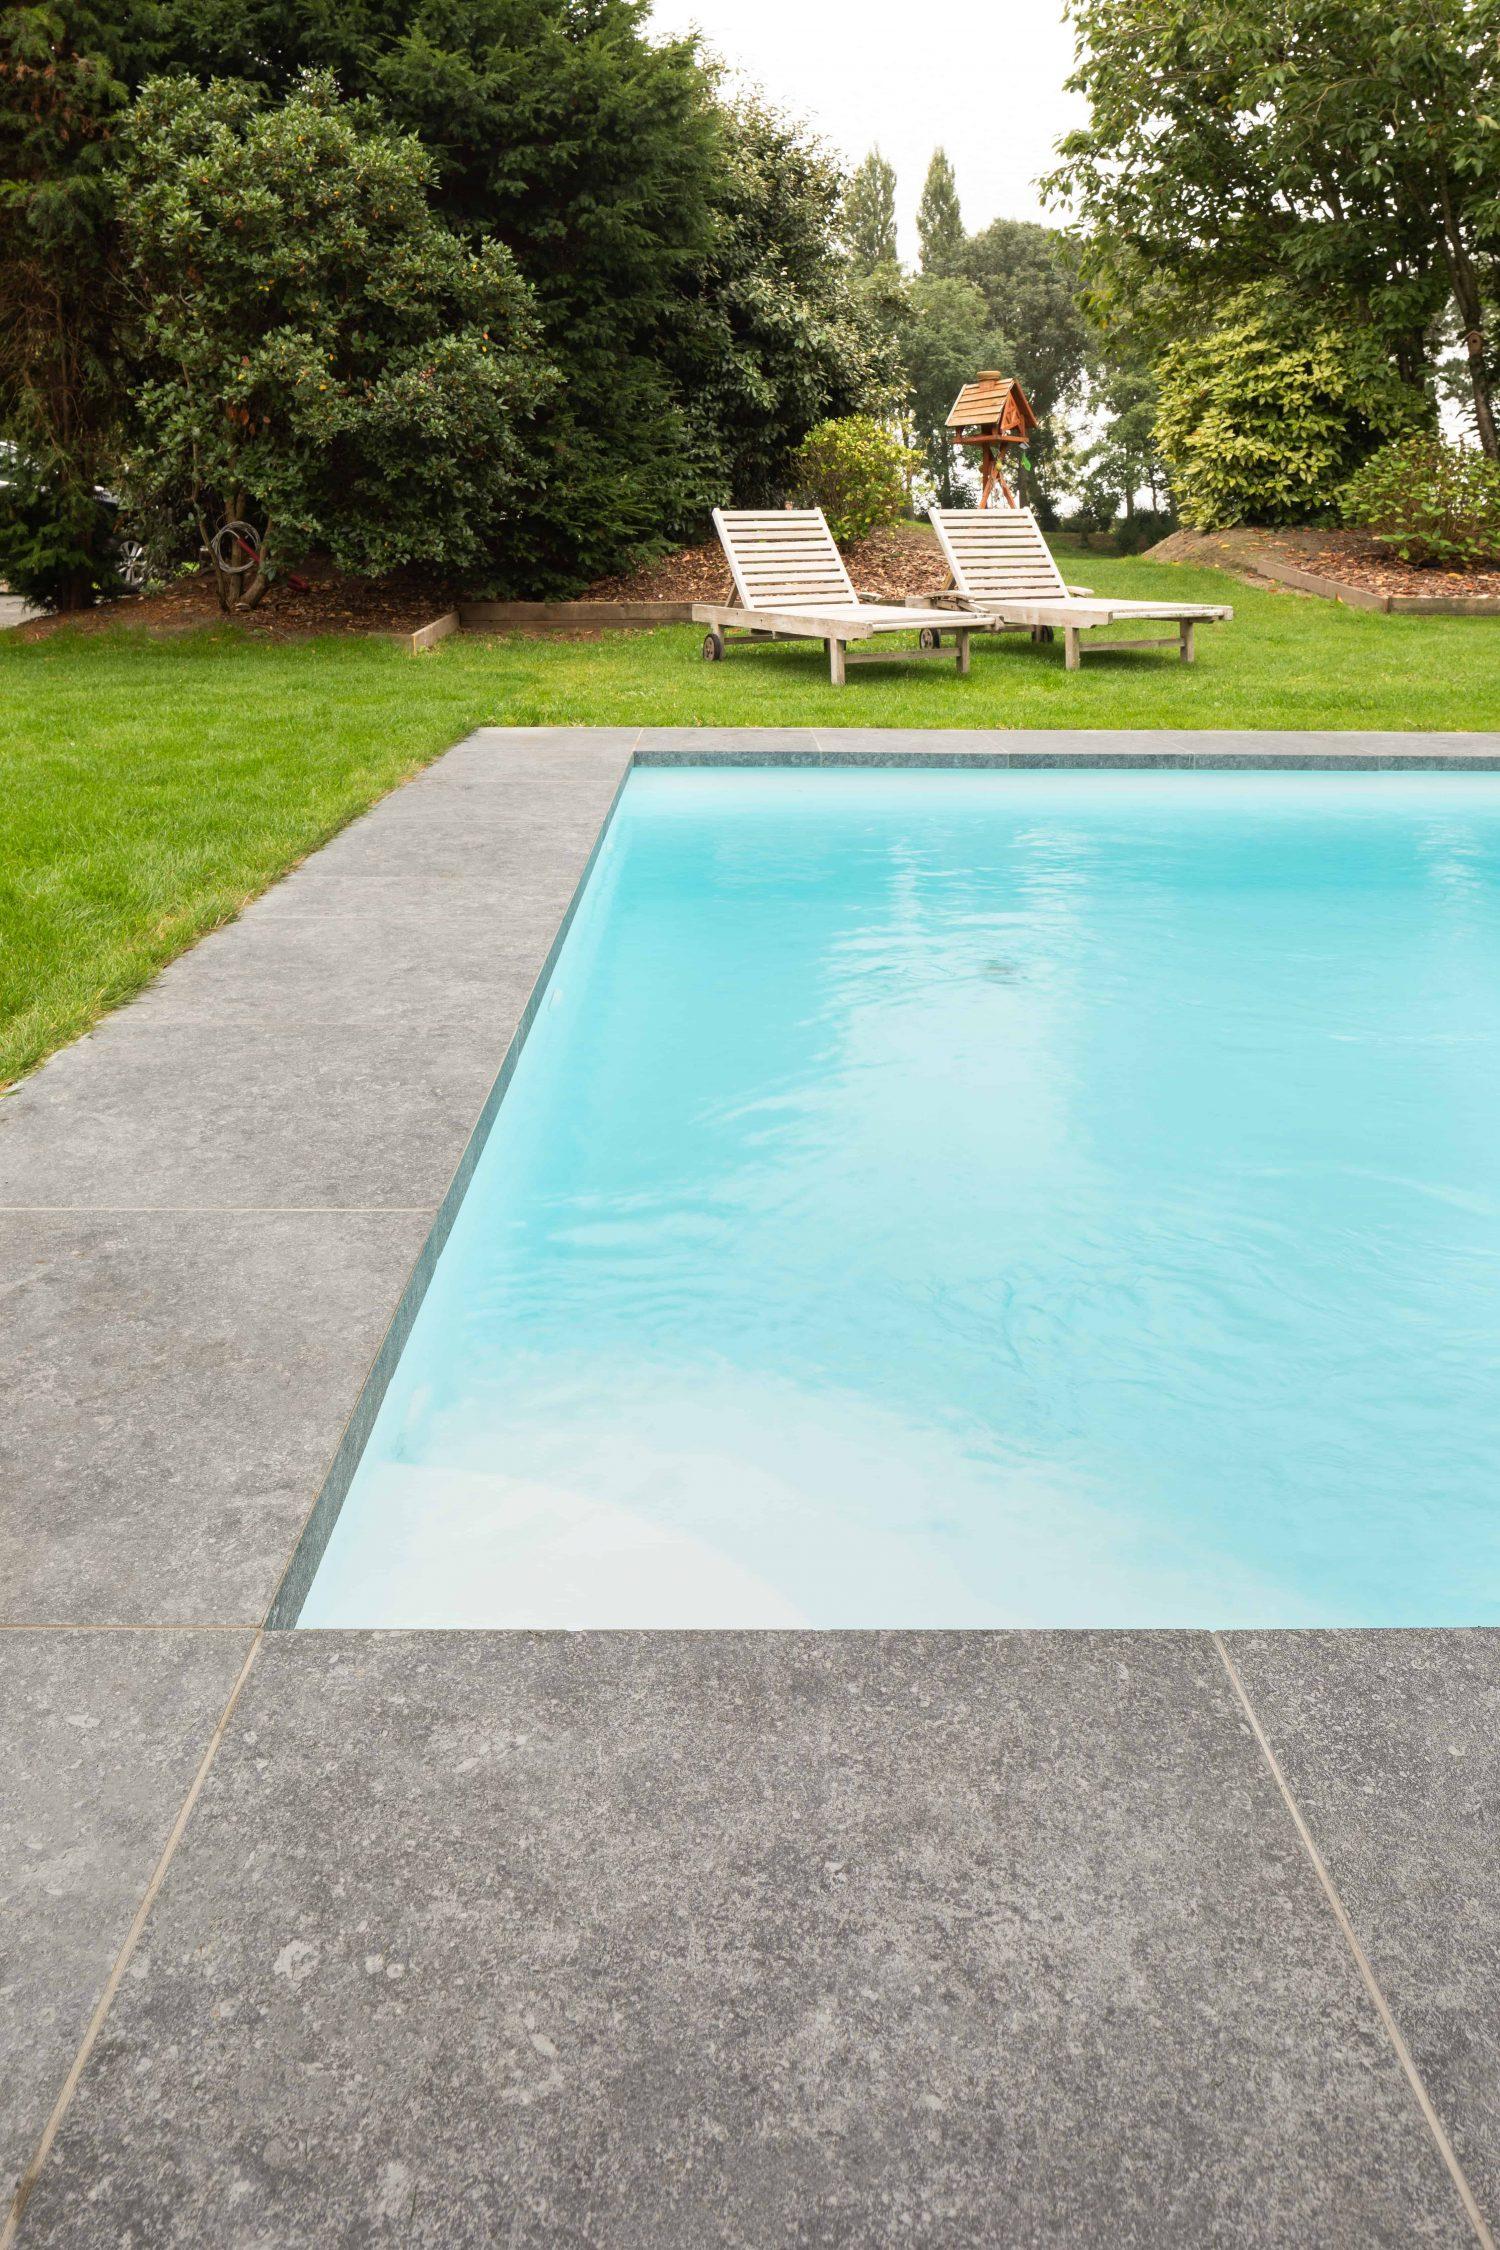 Blauwe hardsteen xxl natuursteen tegel groot formaat zwembad